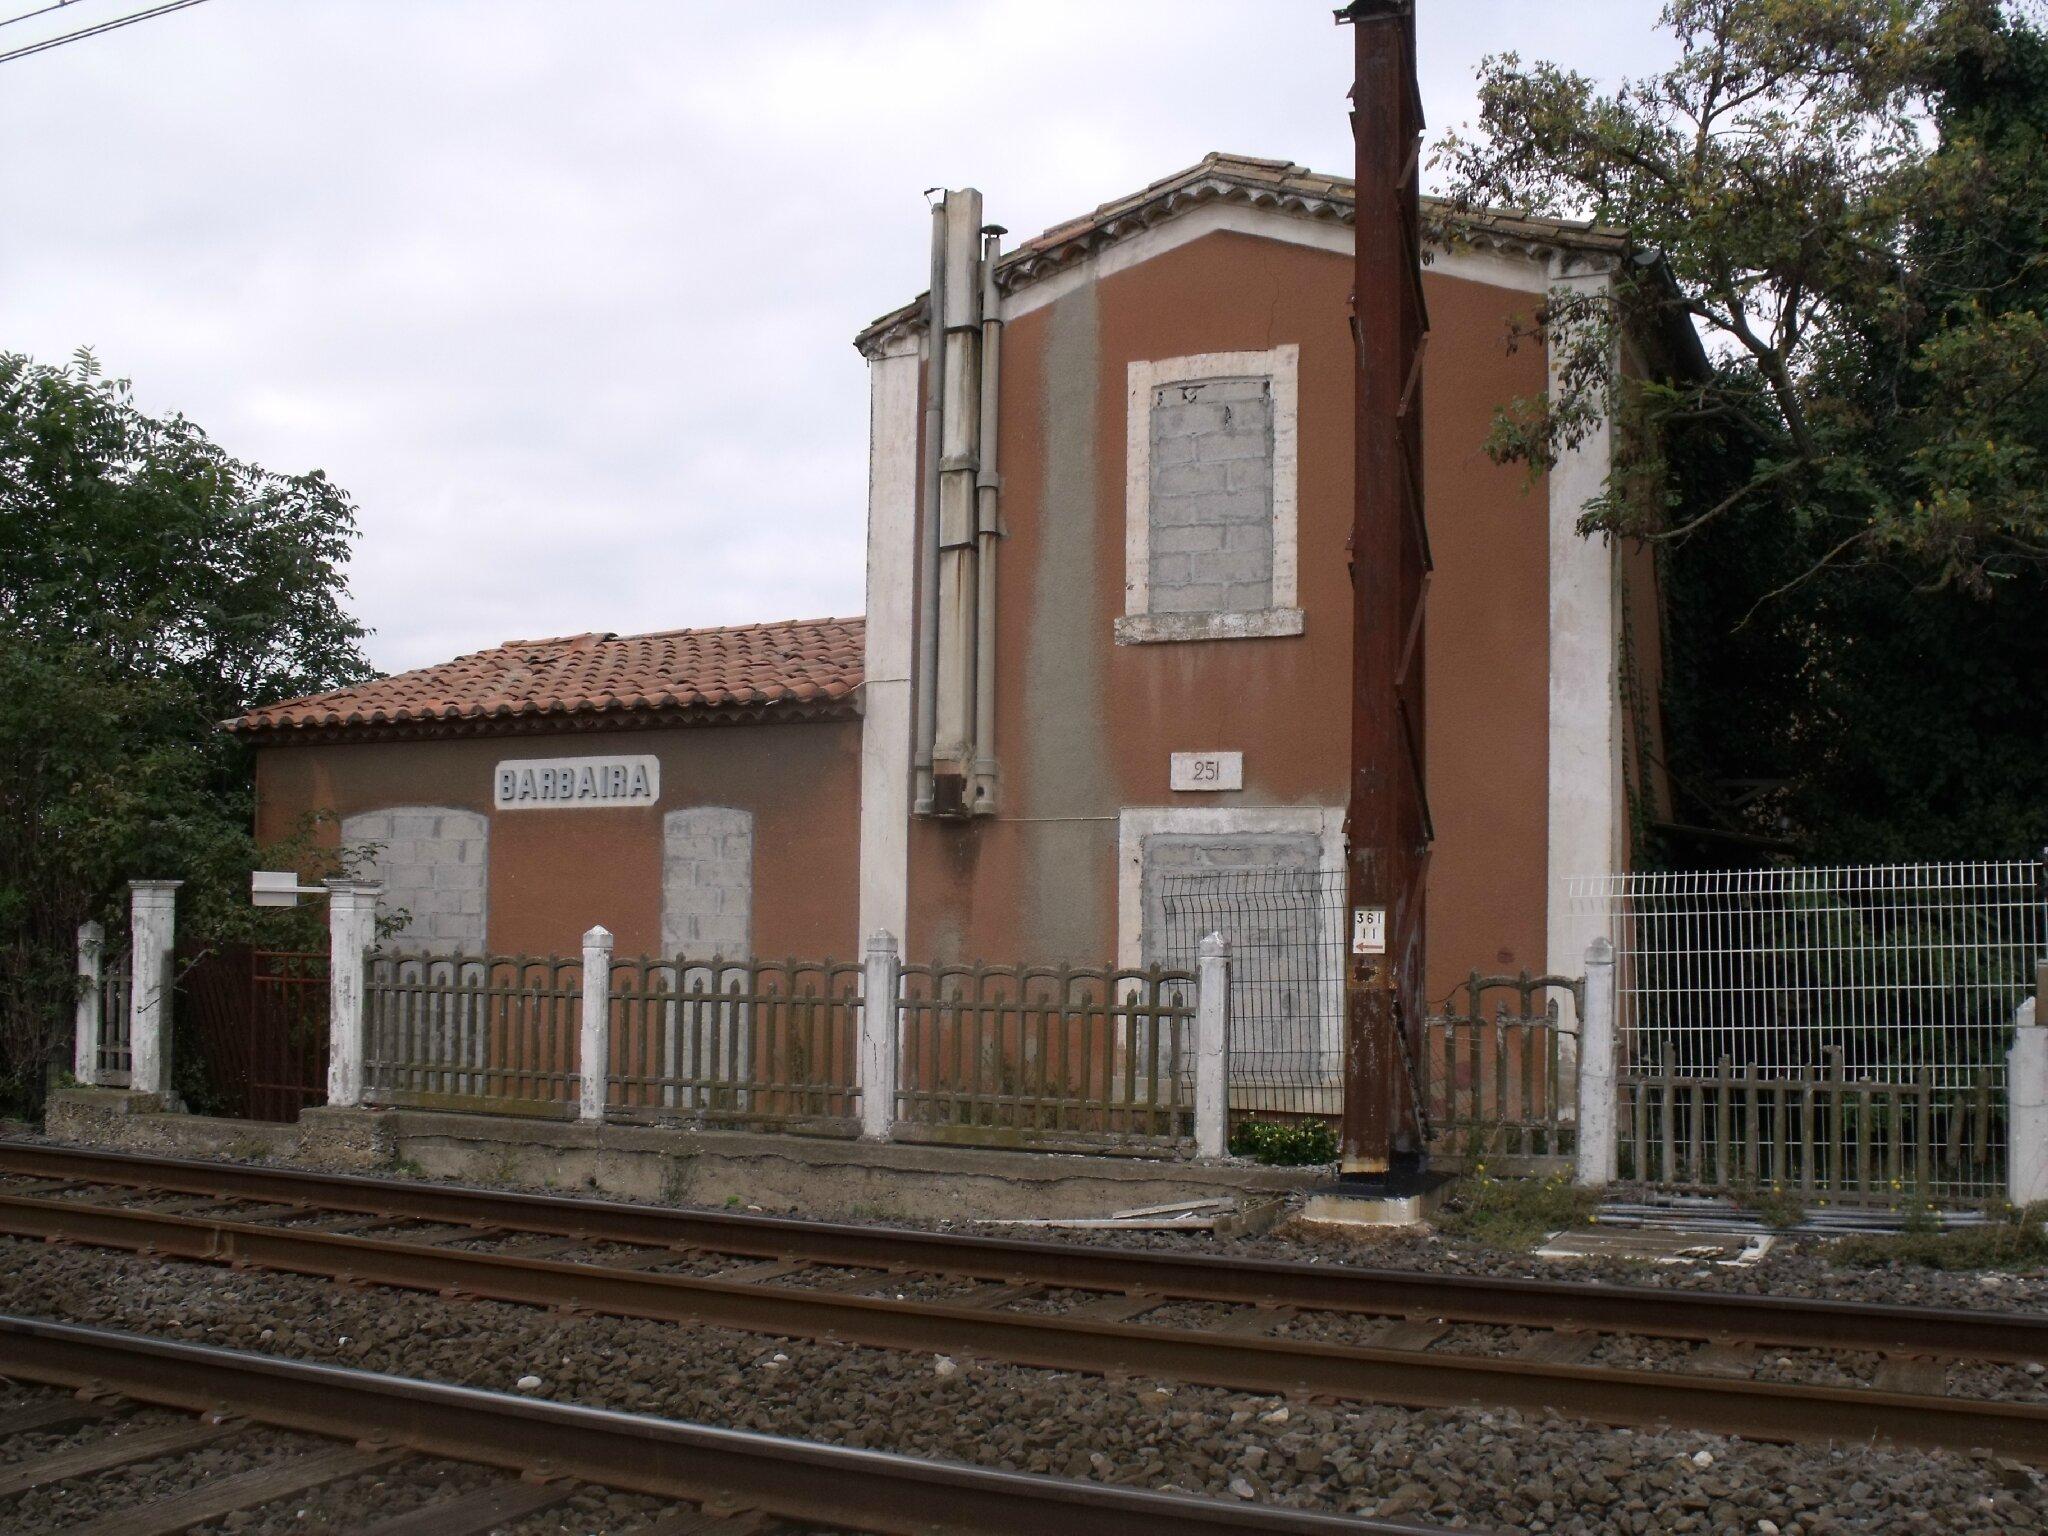 Barbaira (Aude - 11)